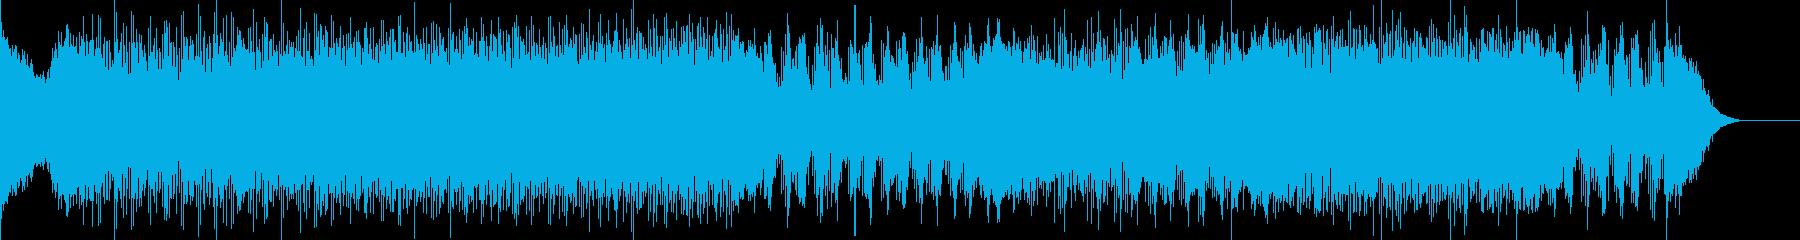 映画音楽、チェイス、スピード感-02の再生済みの波形